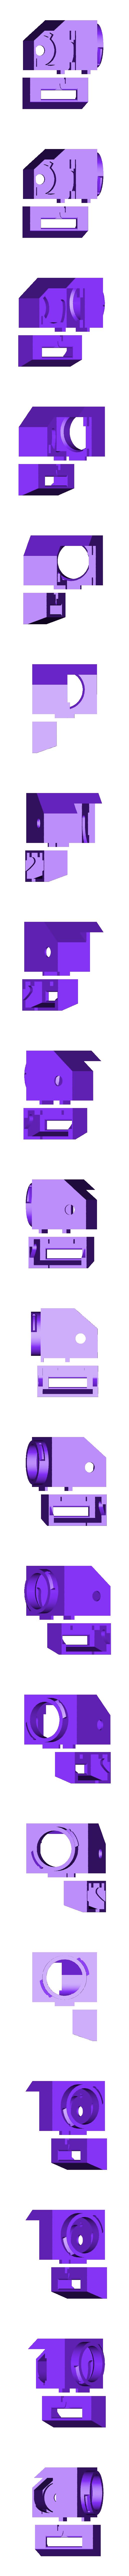 white_02.stl Télécharger fichier STL gratuit Banque de pièces de monnaie pour chiens • Design pour impression 3D, Jwoong